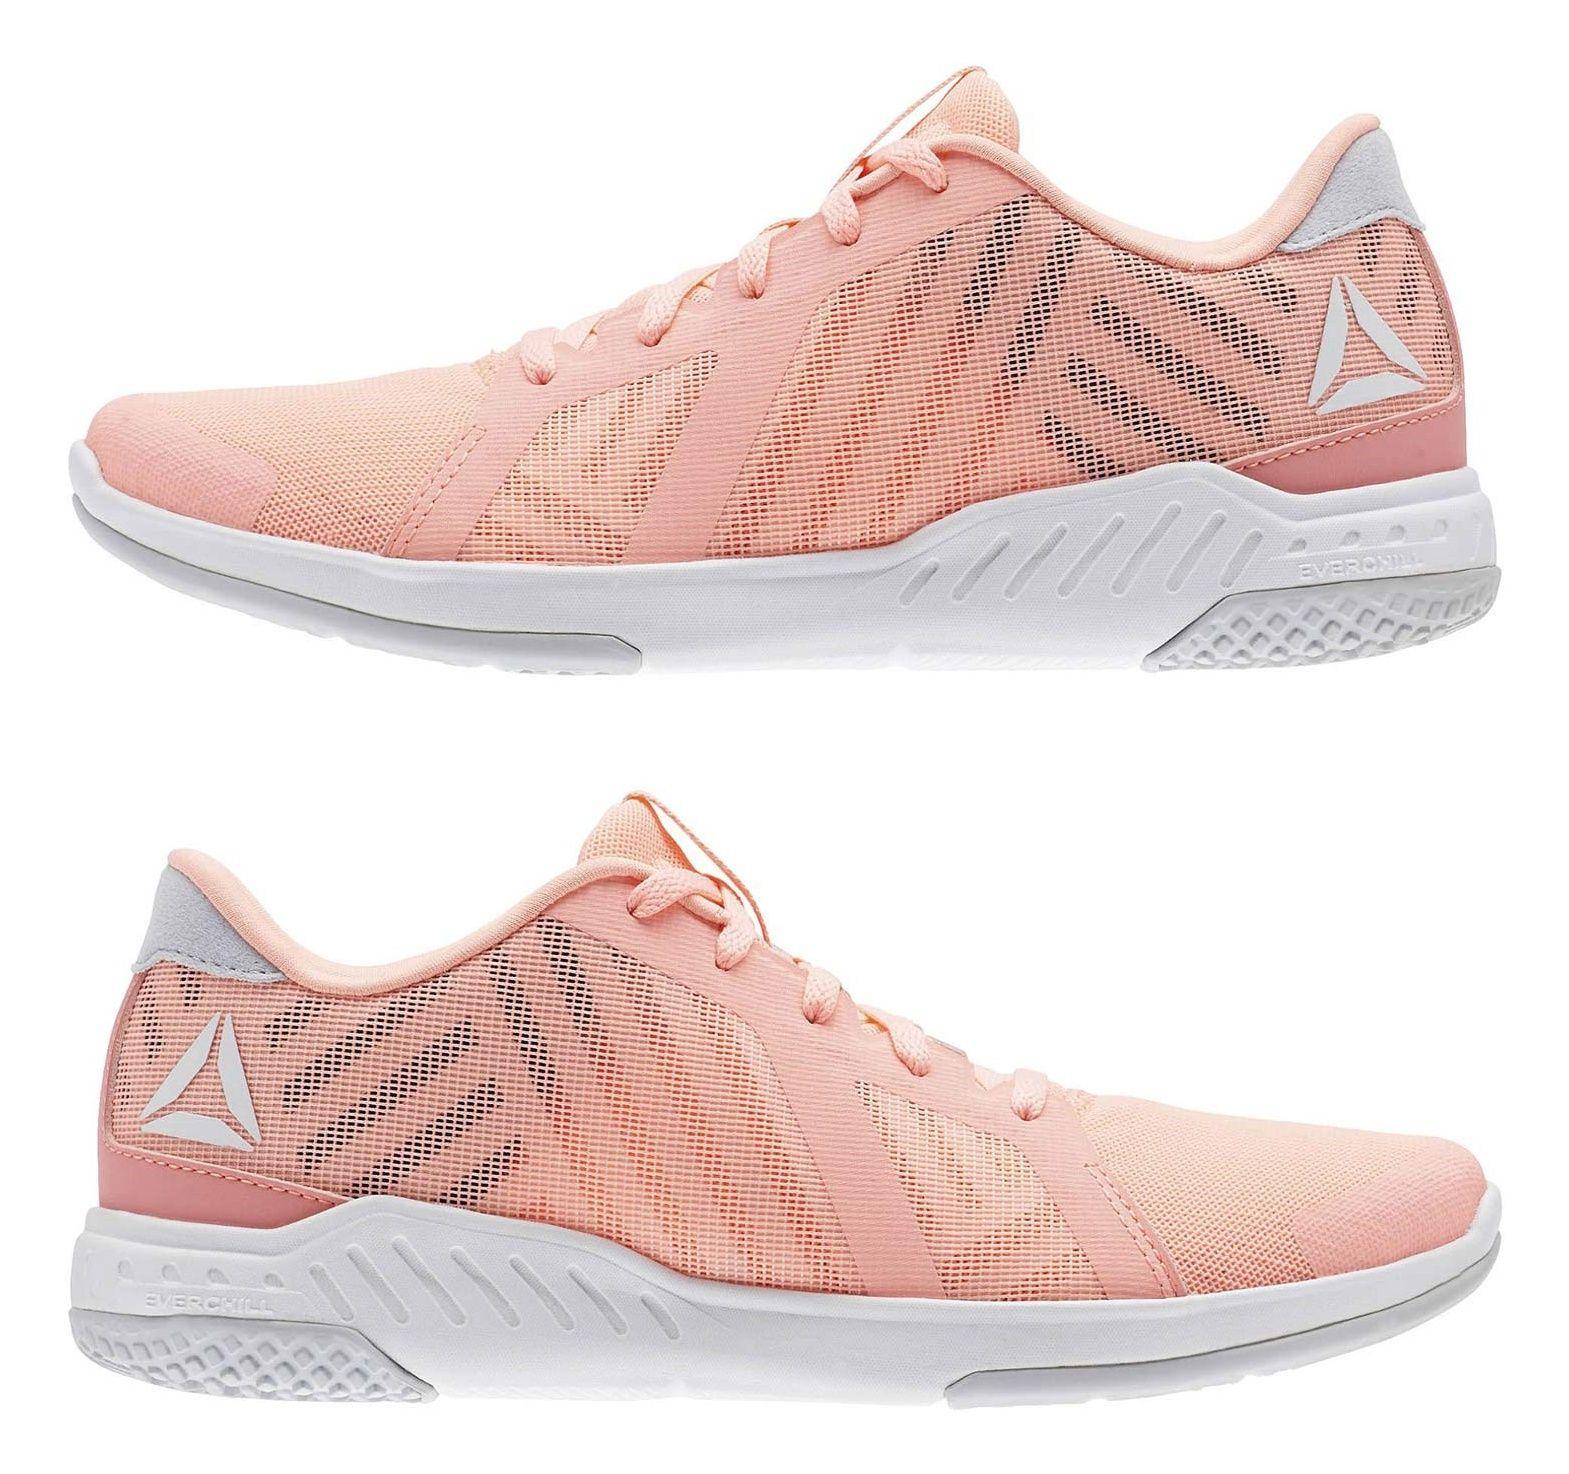 کفش تمرین بندی زنانه Everchill TR 2-0 - ریباک - صورتي - 6